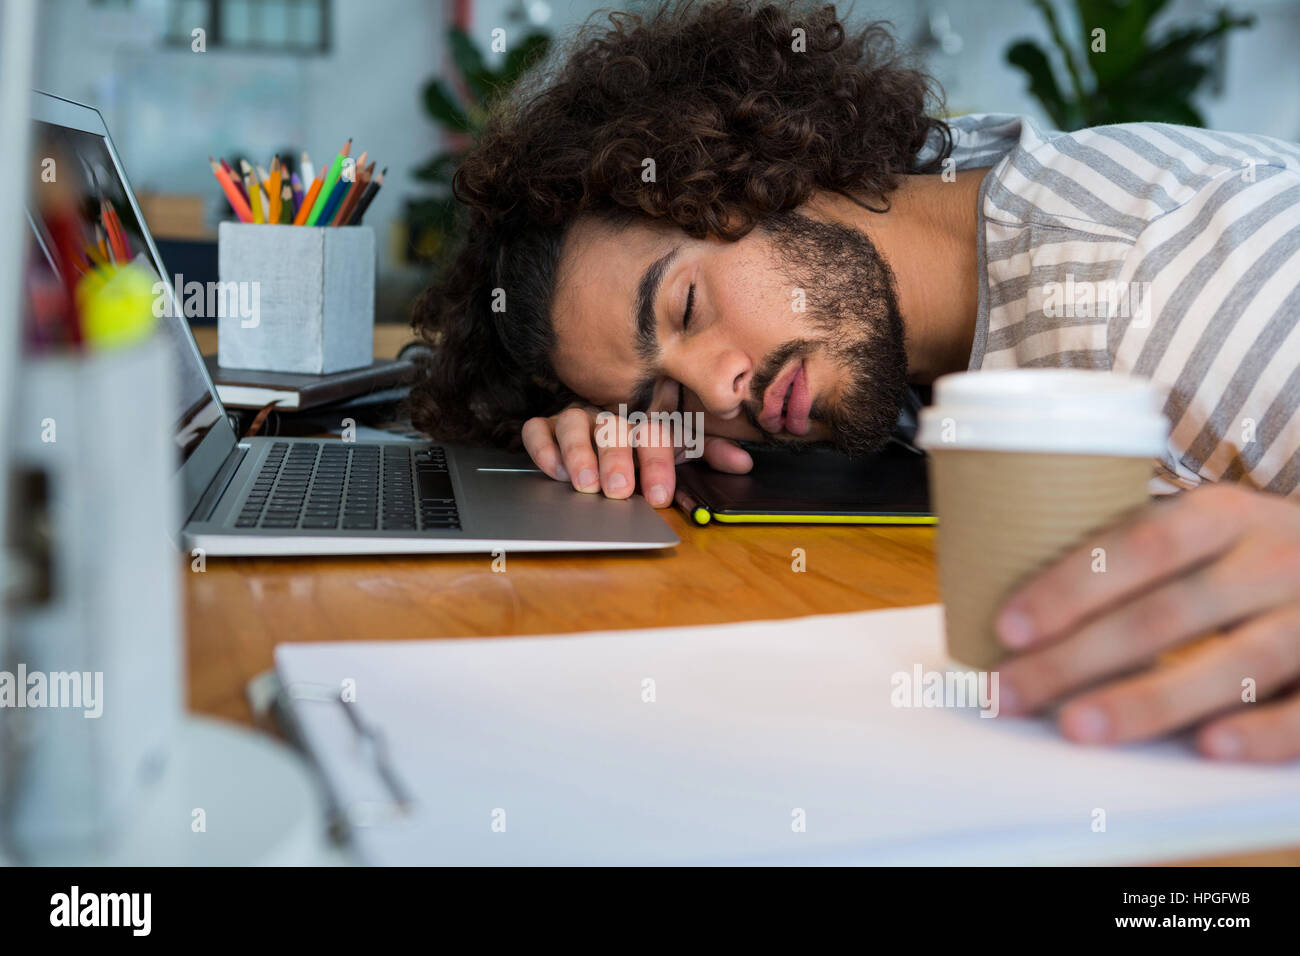 Graphiste surchargés de dormir sur son bureau à la creative office